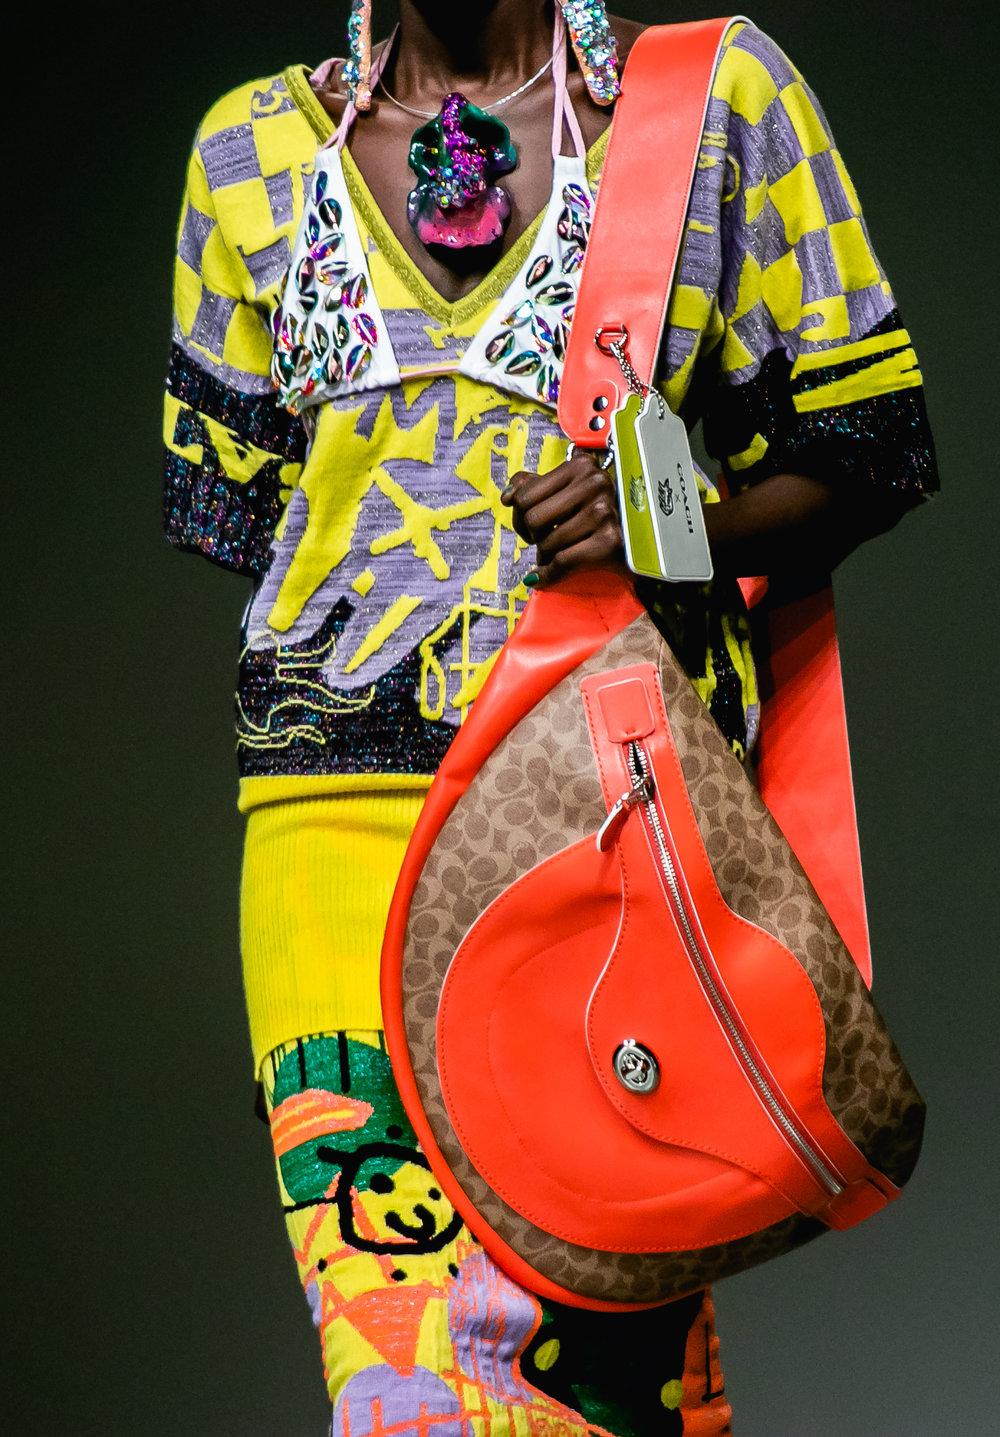 London Fashion Week Matty Bovan SS19